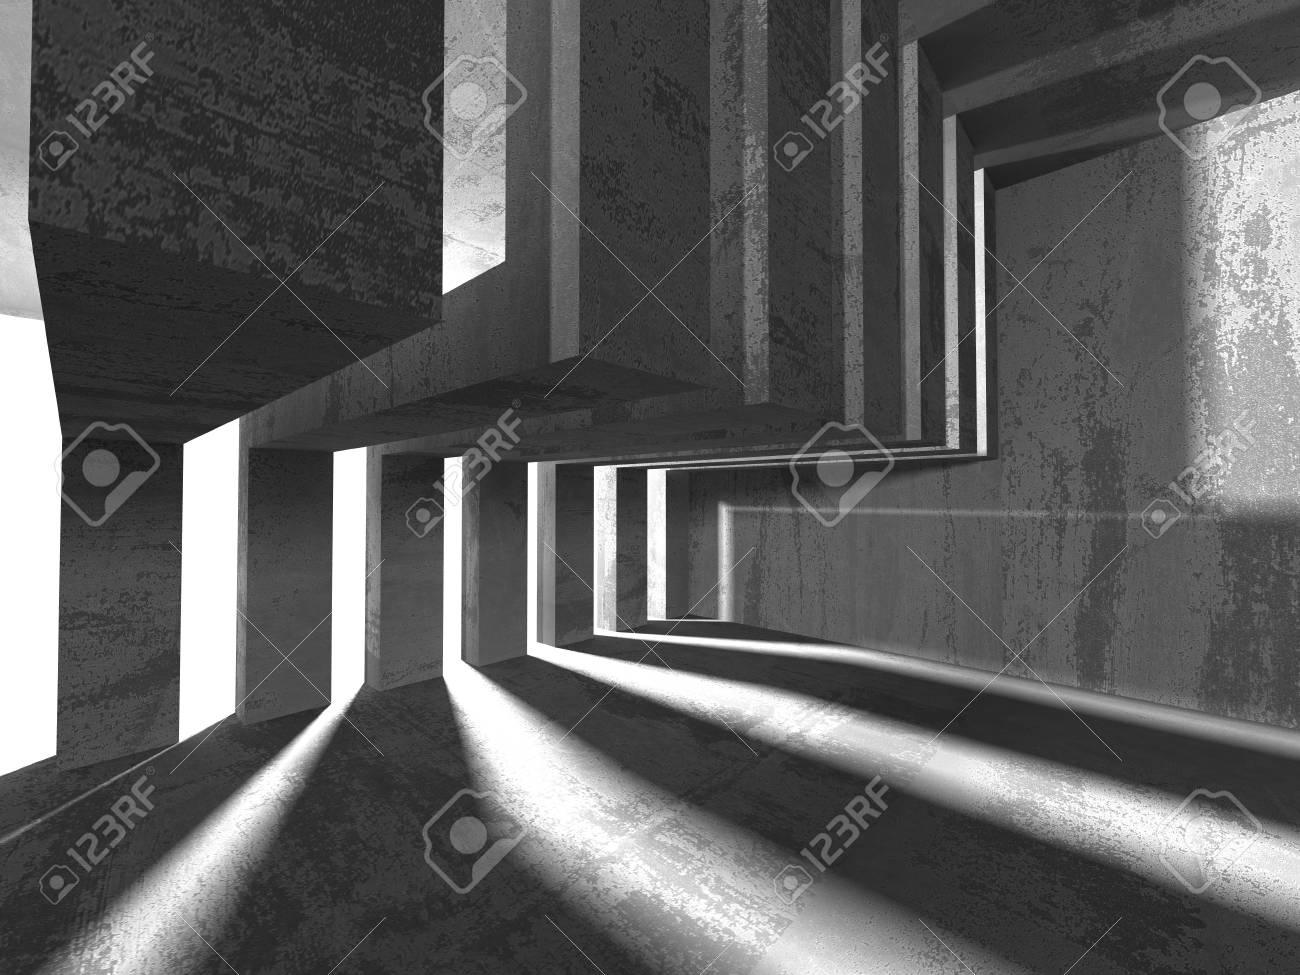 Konkreter Architektur Hintergrund Abstrakter Leerer Dunkler Raum